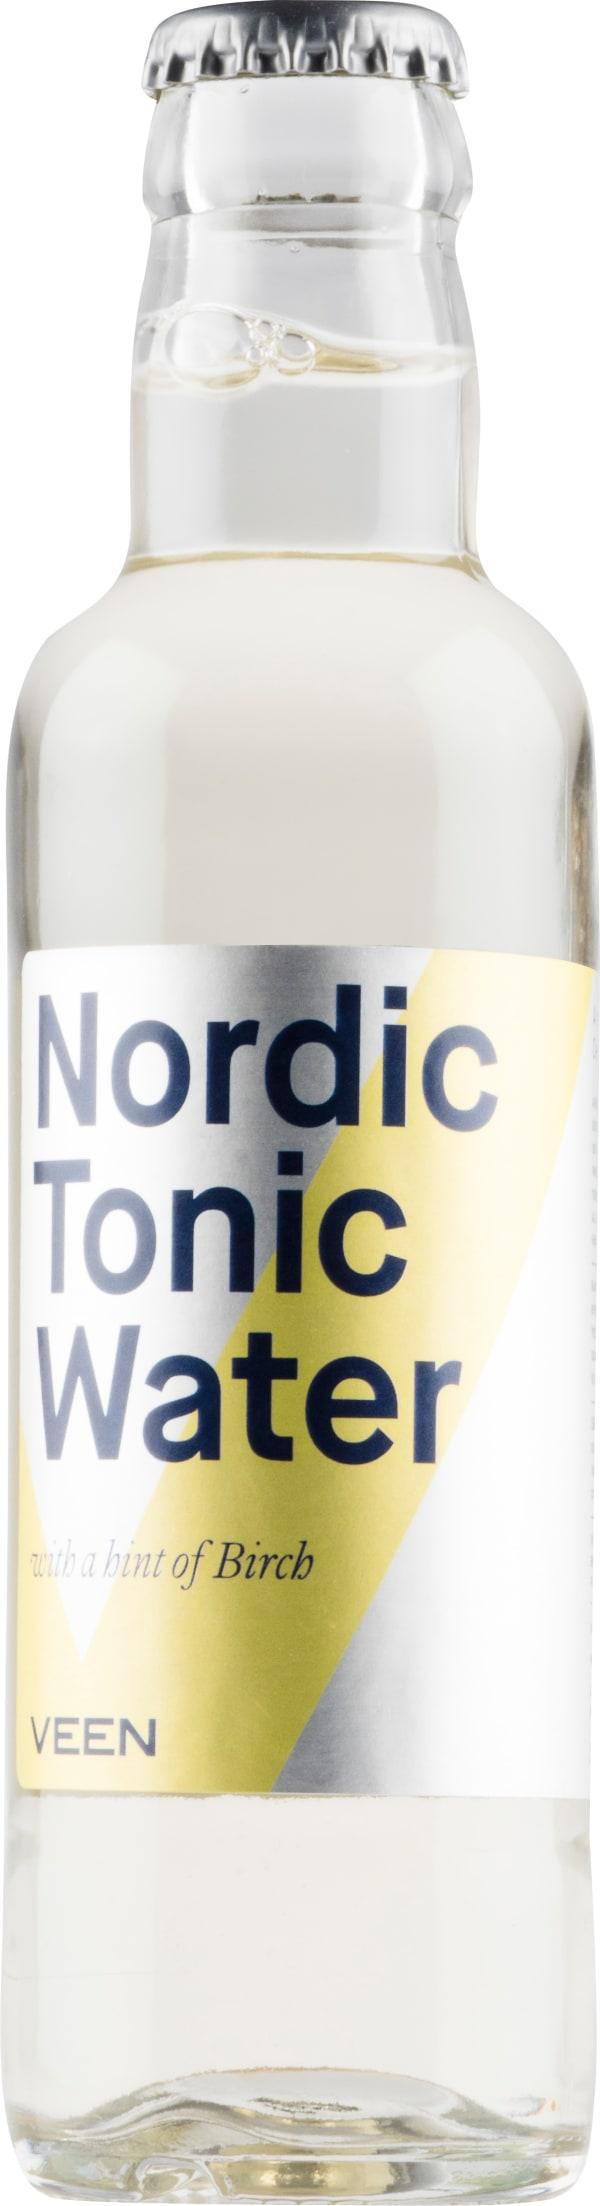 Veen Nordic Tonic Water